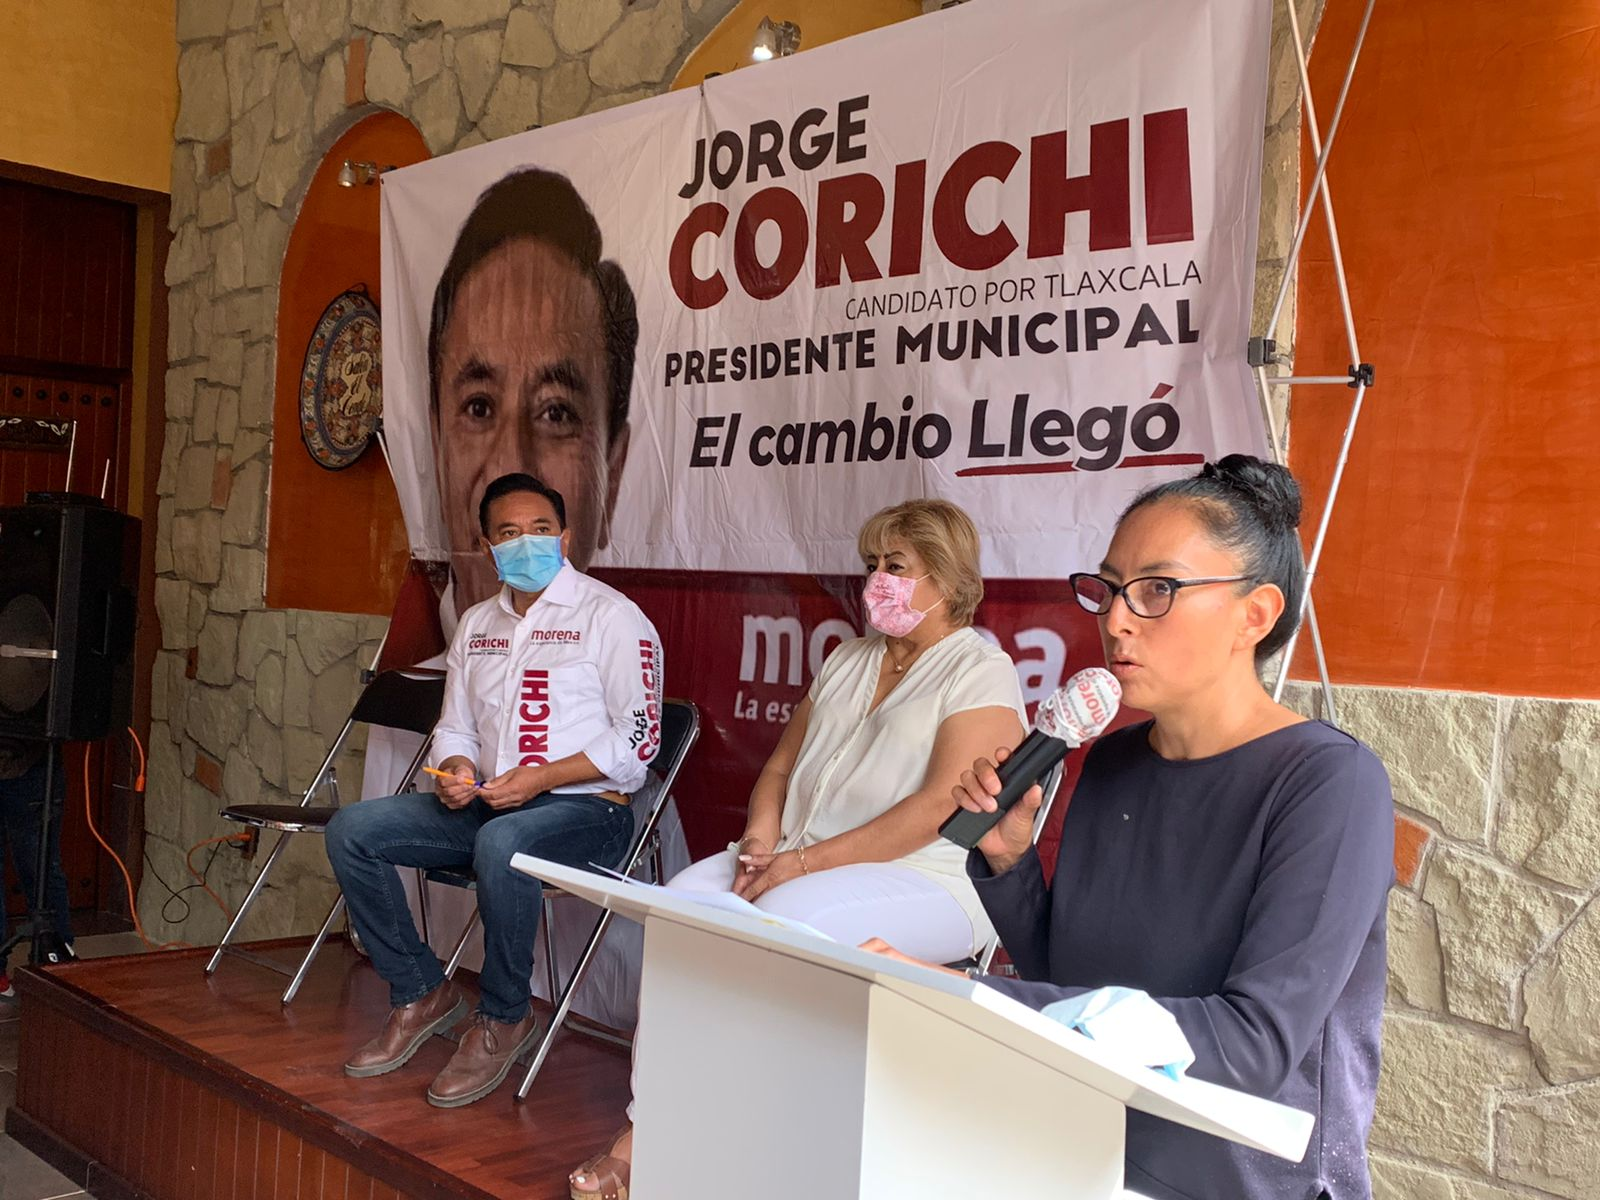 Jorge Corichi va a empoderar a mujeres de Tlaxcala